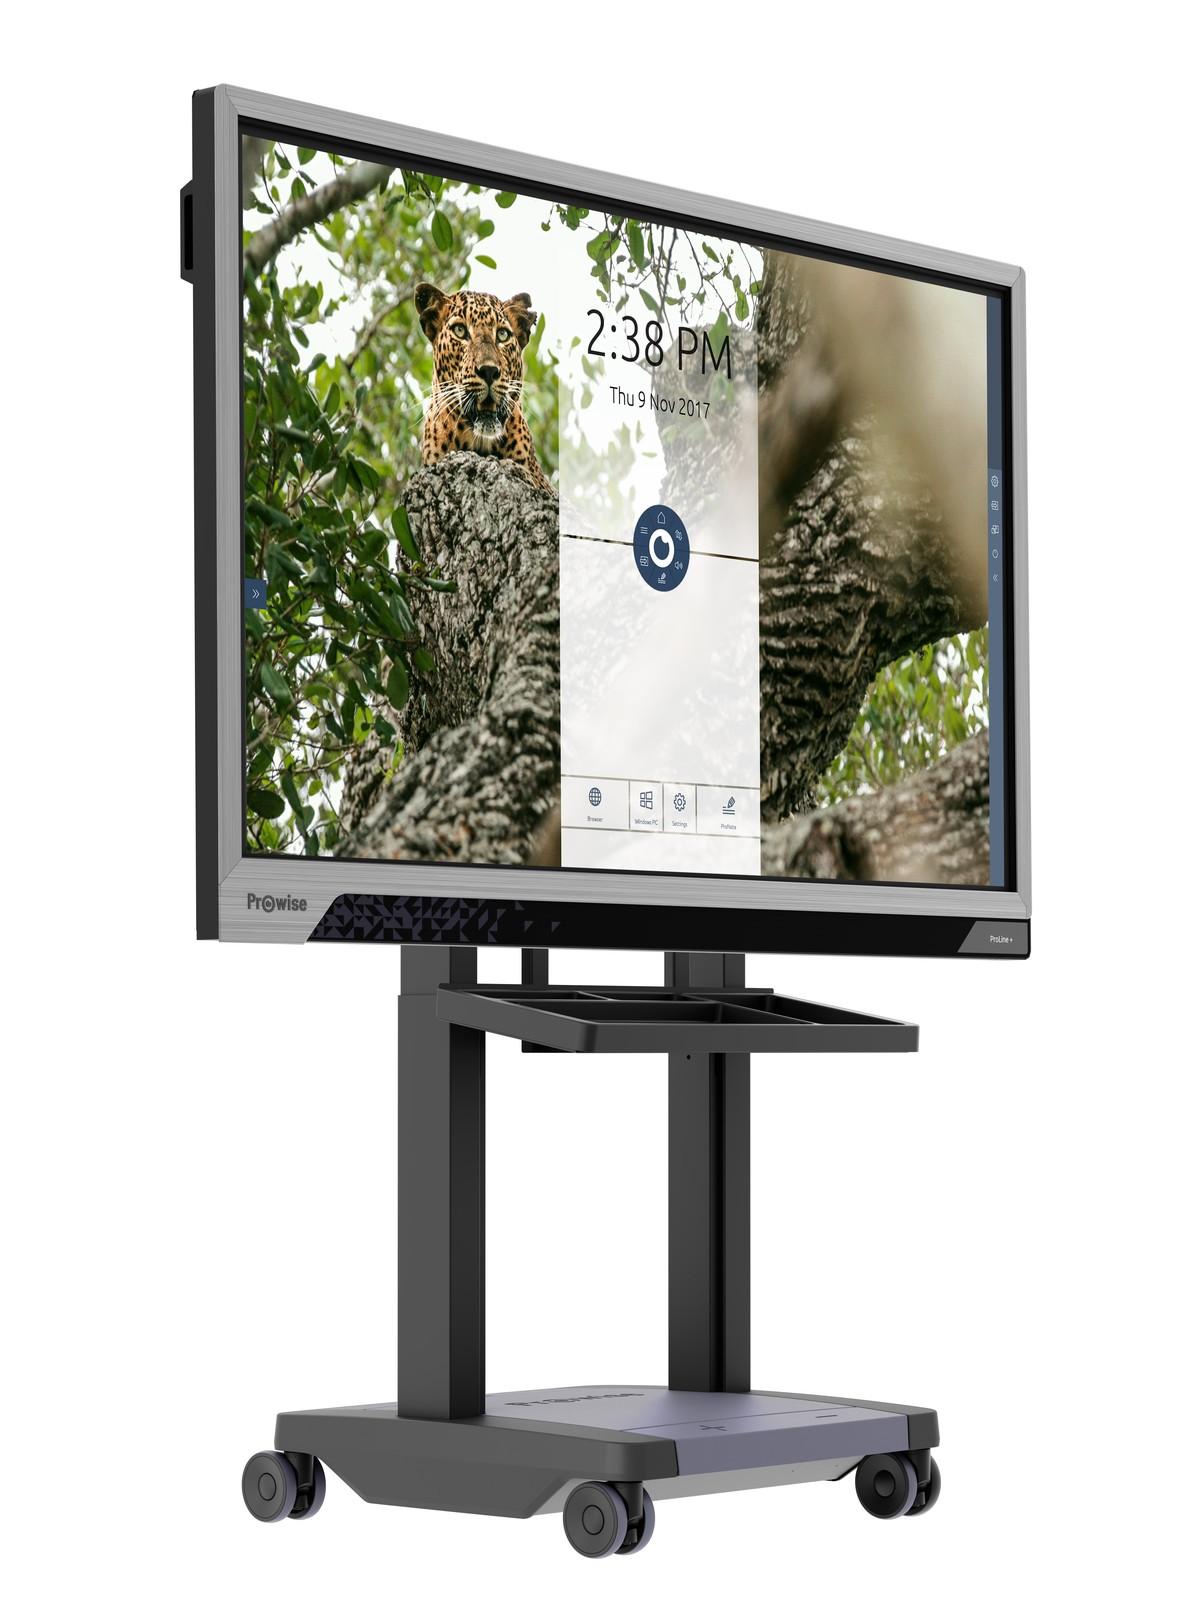 Die innovativen Touchscreens des niederländischen Unternehmens Prowise gibt es in immer mehr Klassenzimmer und Hörsäle und ermöglichen dort ein interaktives Lernen.